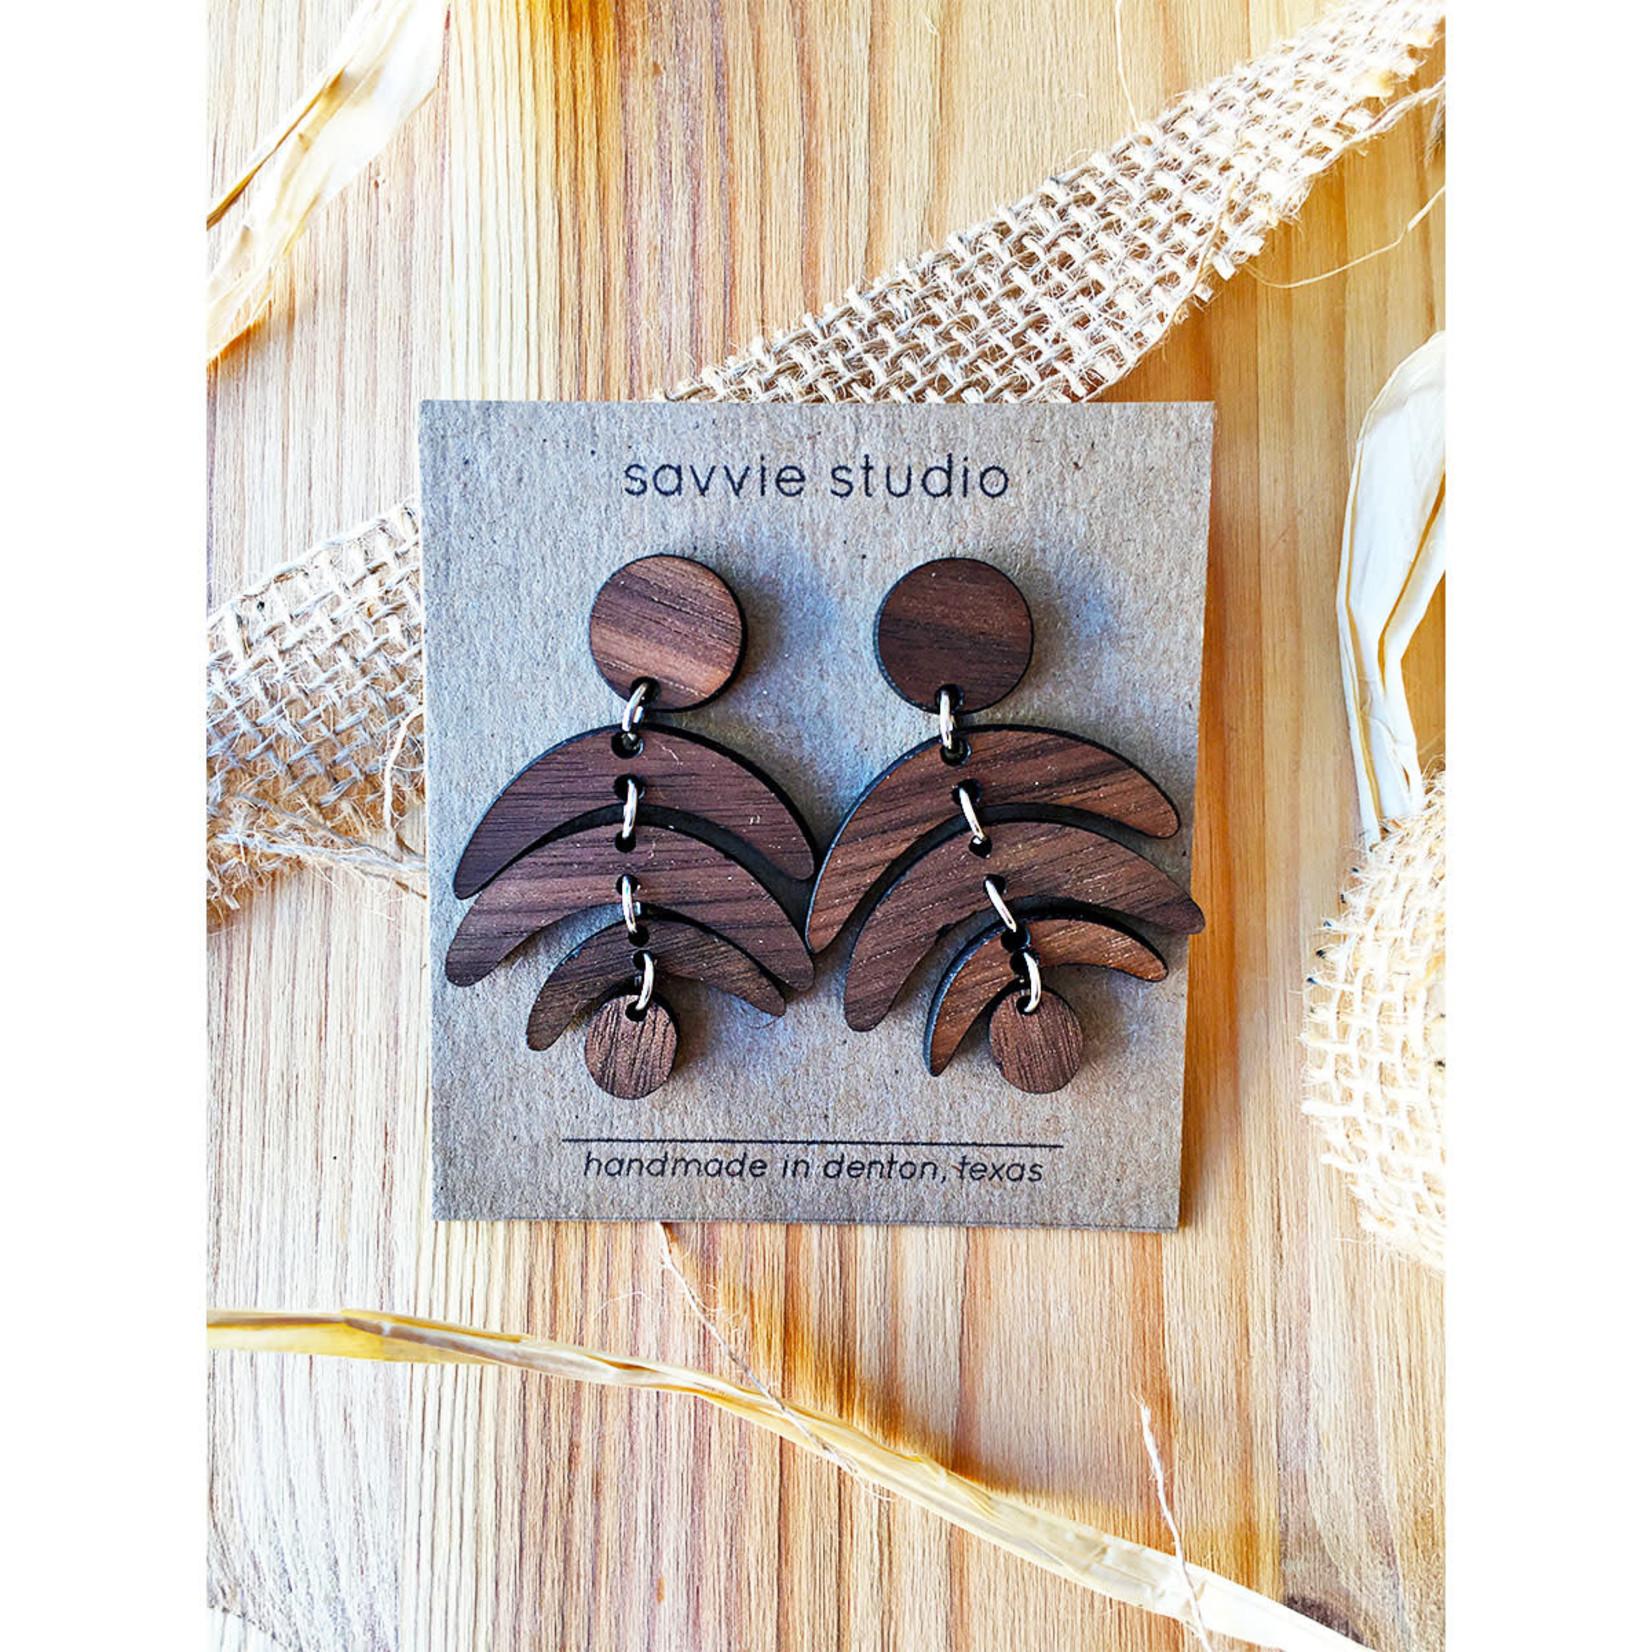 Savvie Studio Wooden Fern Dangle Earrings